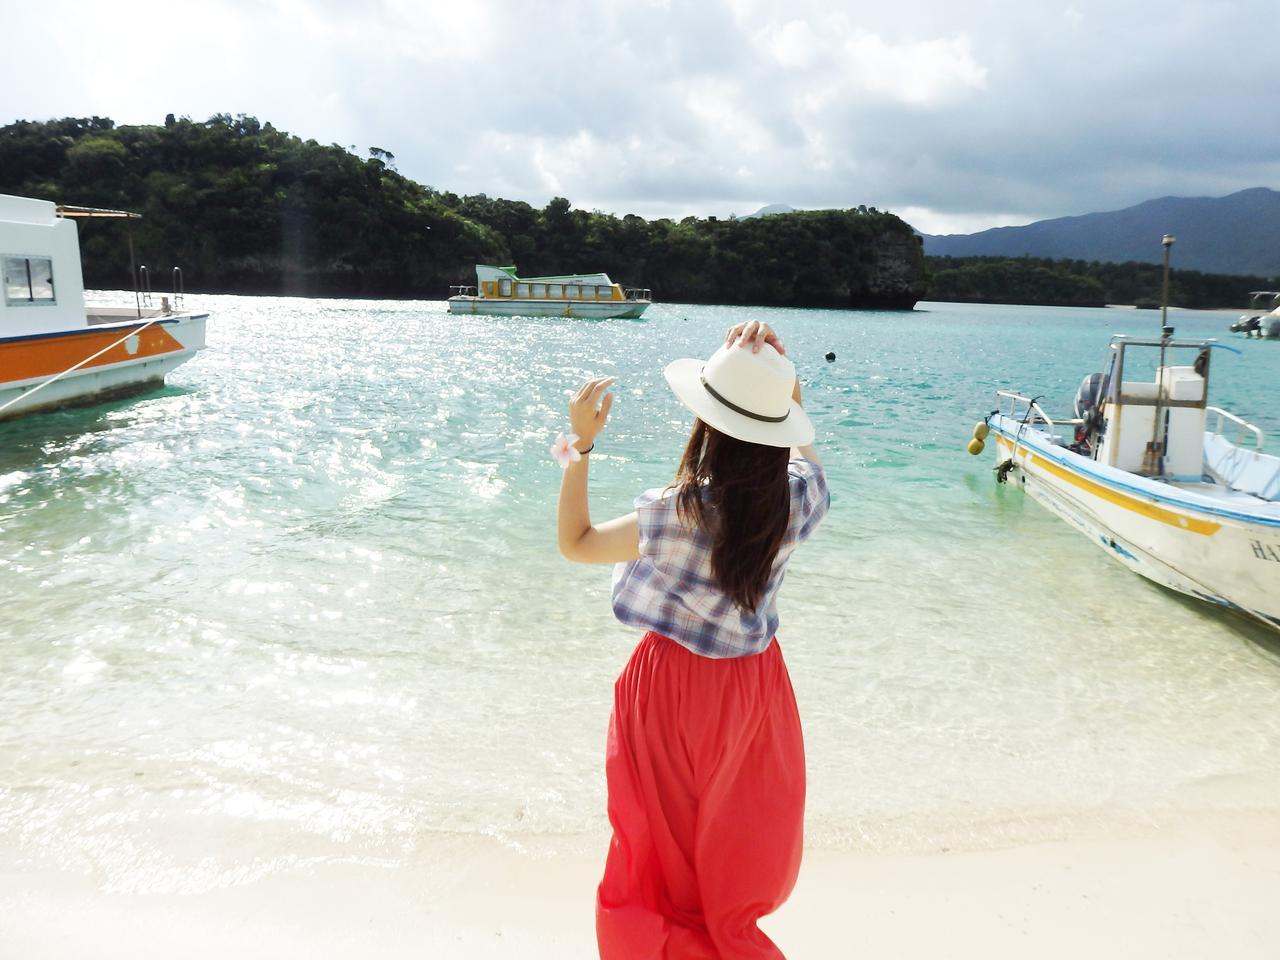 画像: 世界に誇る石垣島の絶景スポット『 川平湾 』-沖縄旅行激安予約サイトの沖縄旅予約ドットコム